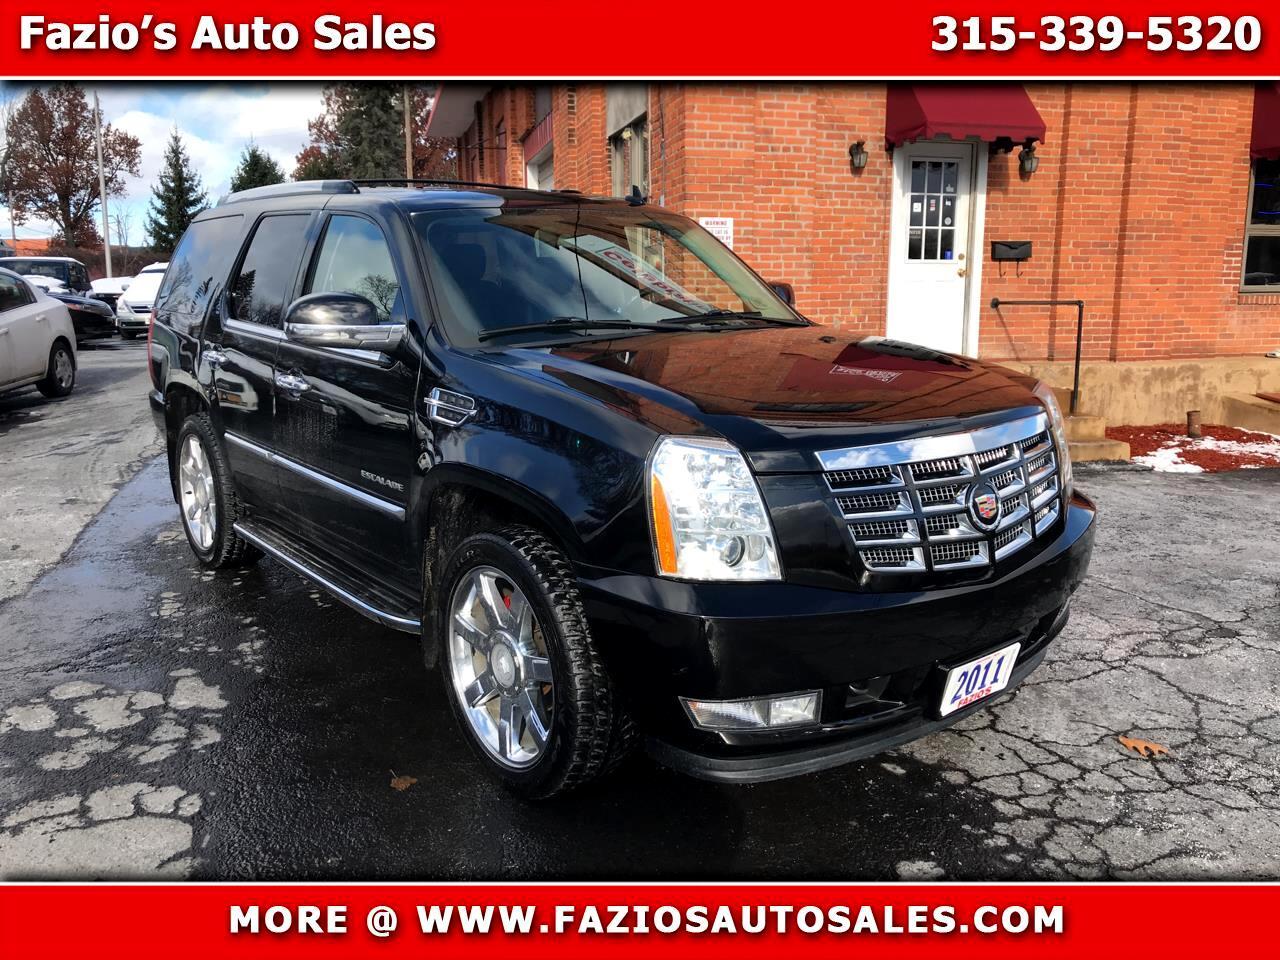 2011 Cadillac Escalade AWD 4dr Luxury